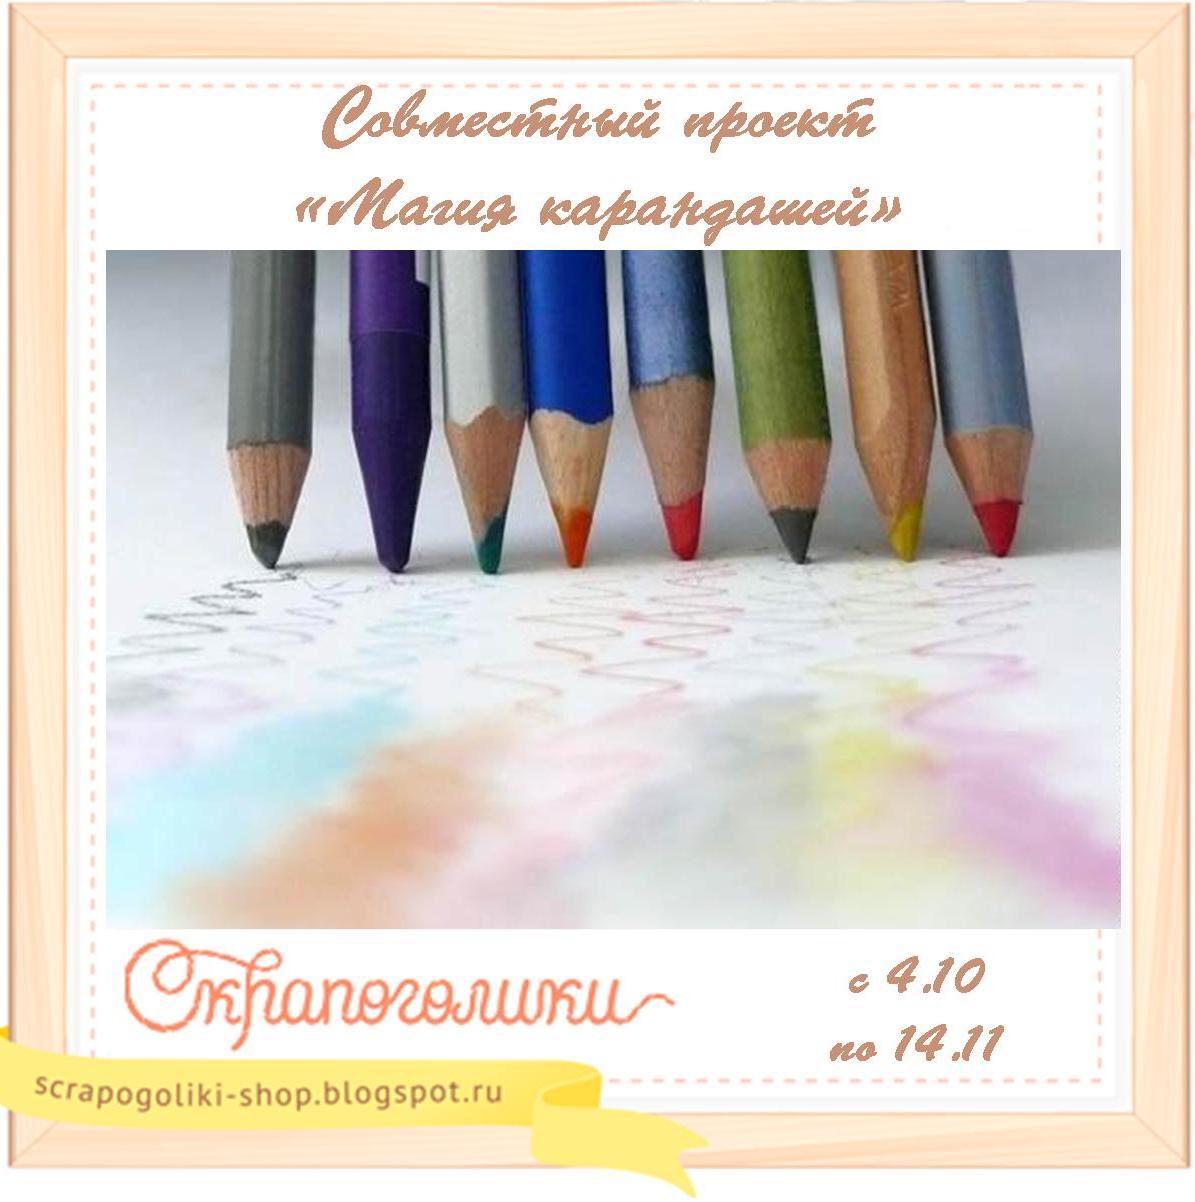 СП Скрапоголики